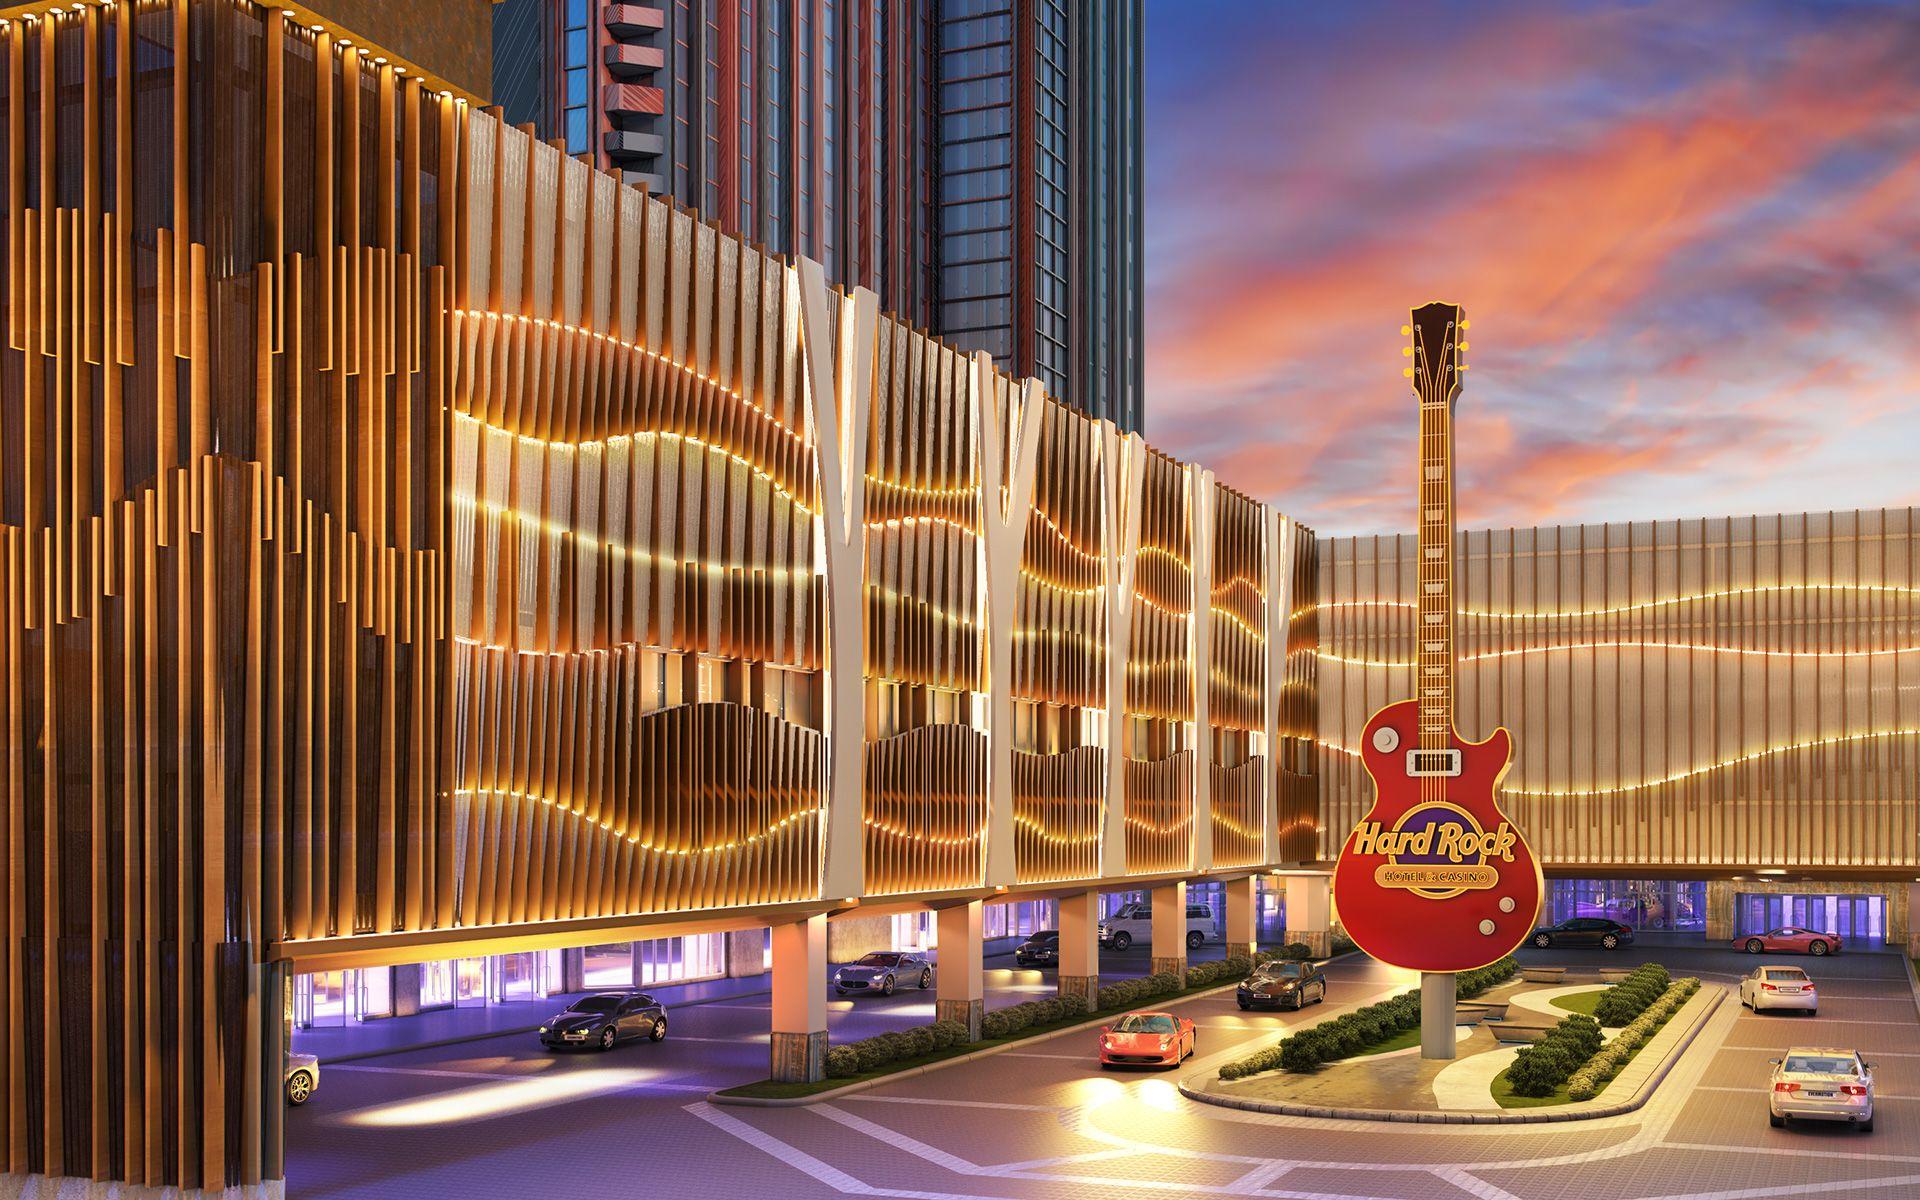 atlantic city nj hard rock hotel and casino